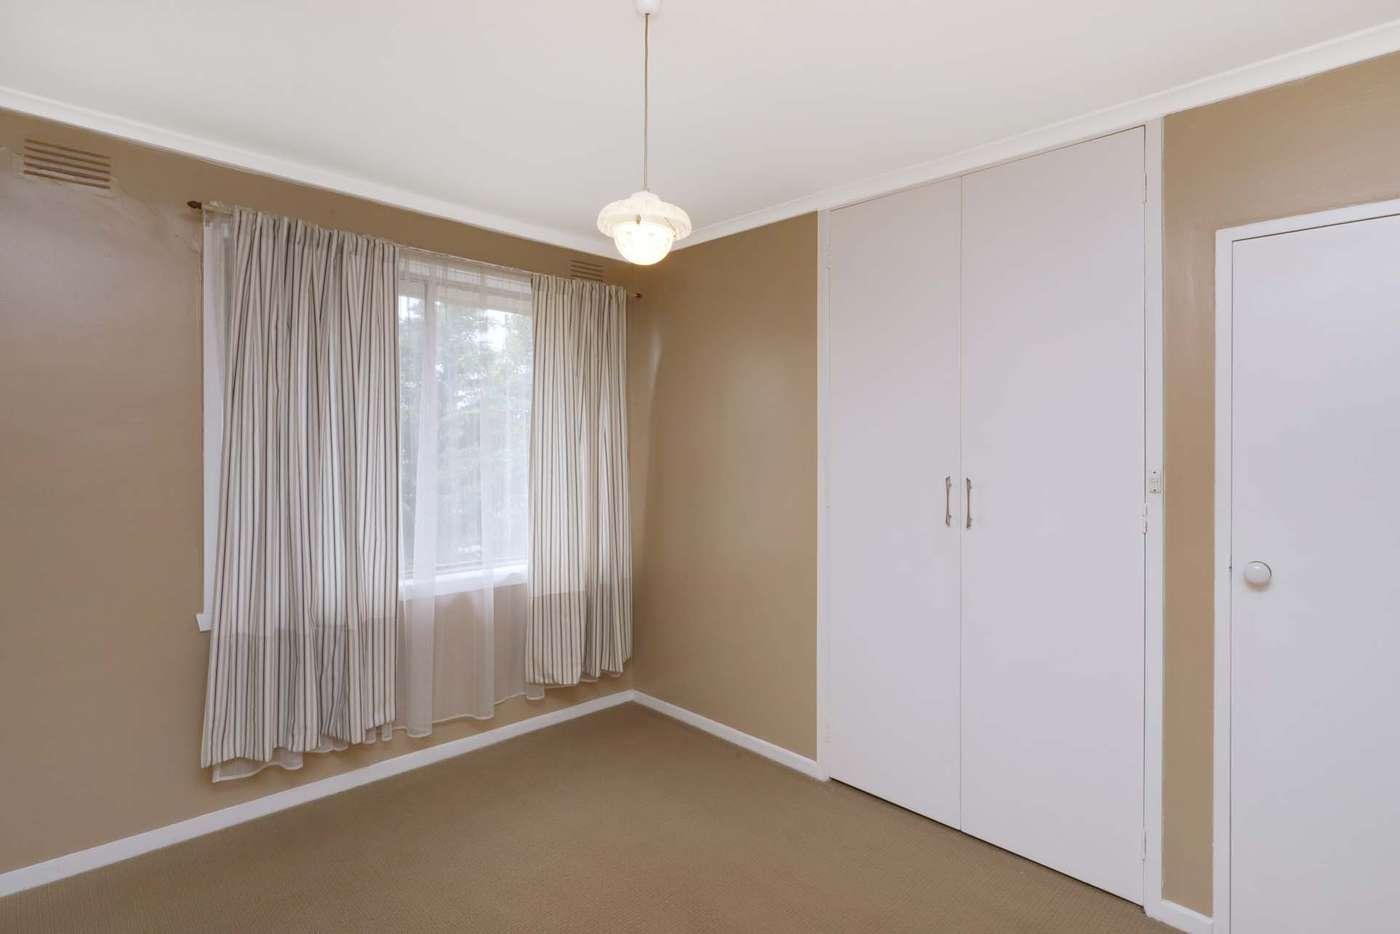 Sixth view of Homely apartment listing, 5/221 Blackshaws Road, Altona North VIC 3025